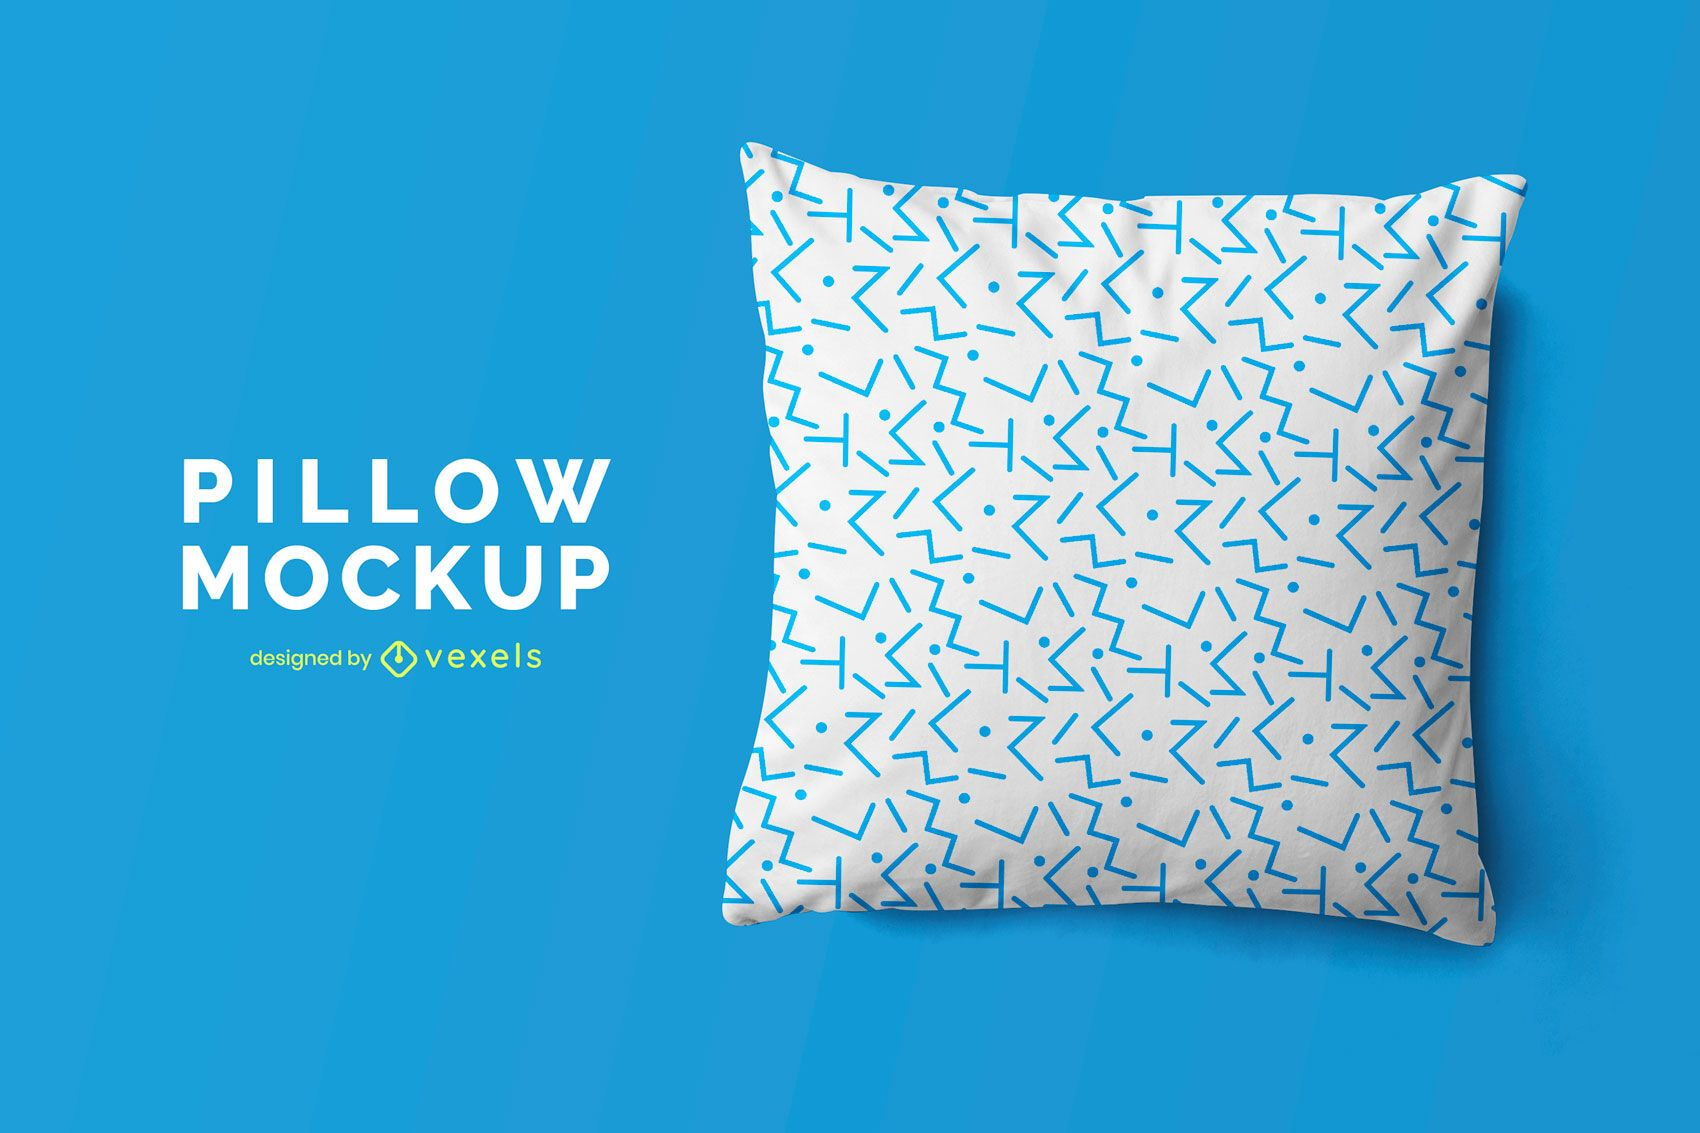 Projetar maquete de travesseiro